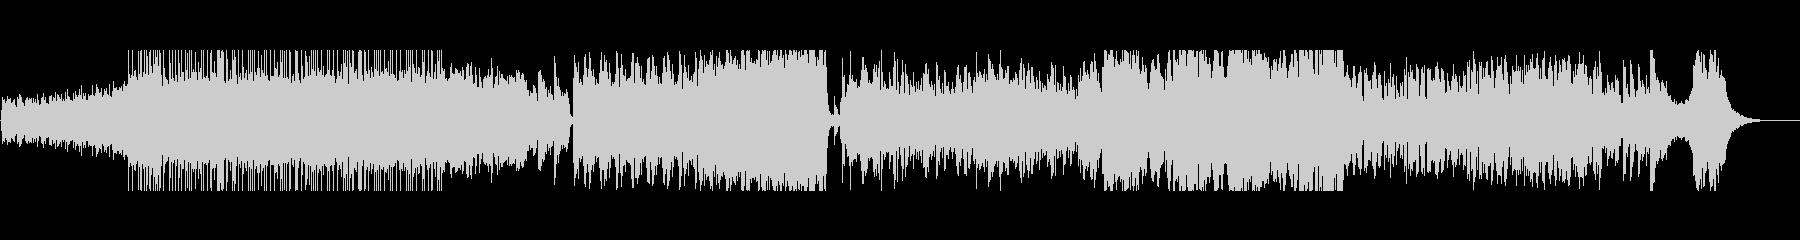 カオス・不安 十二音技法による混沌曲の未再生の波形